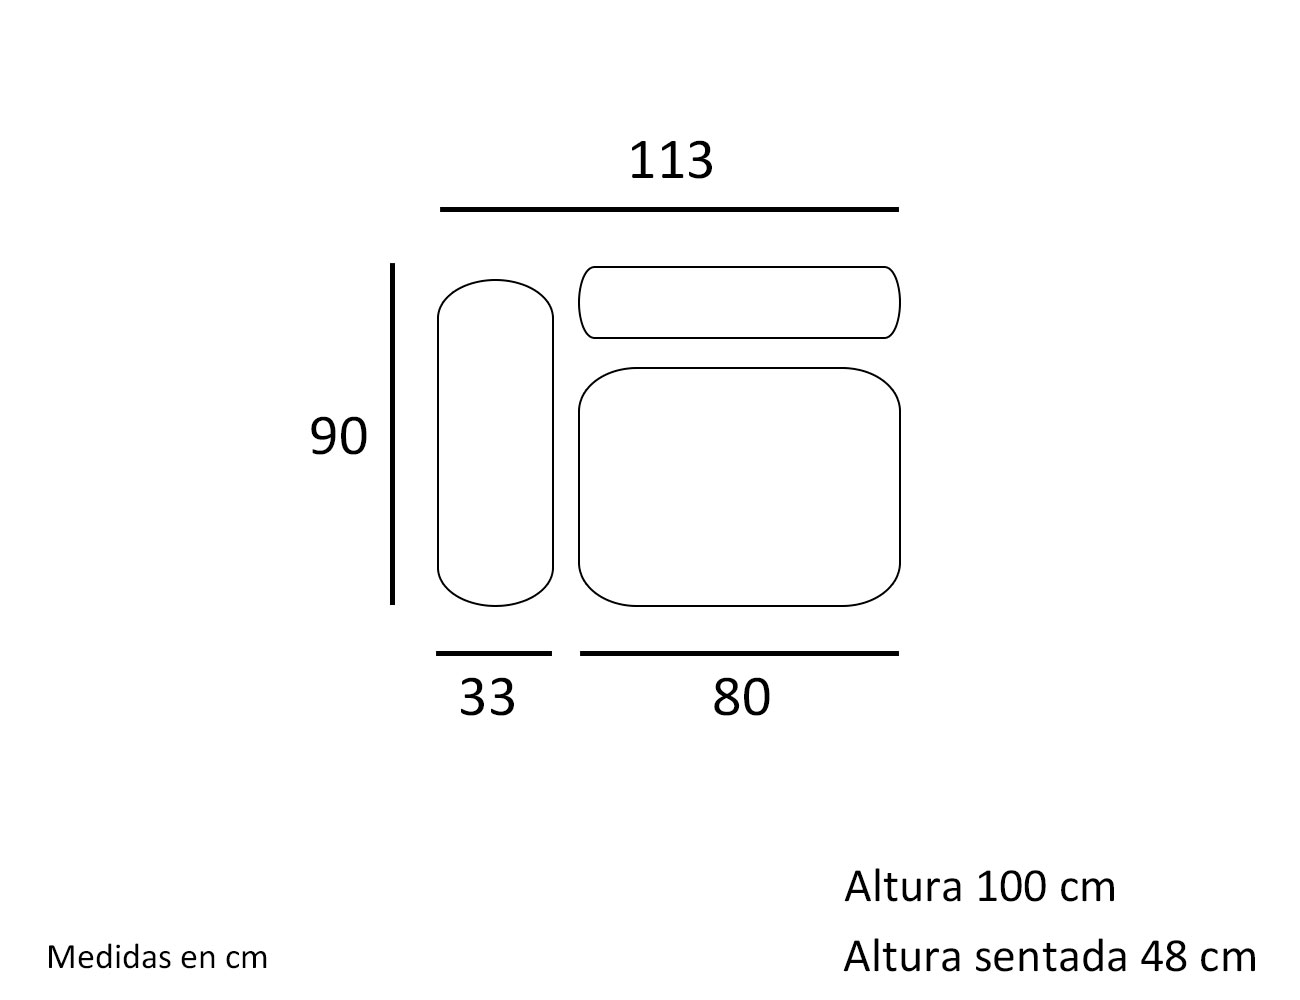 Croquis modulo 1 plaza con 1 brazo 1131